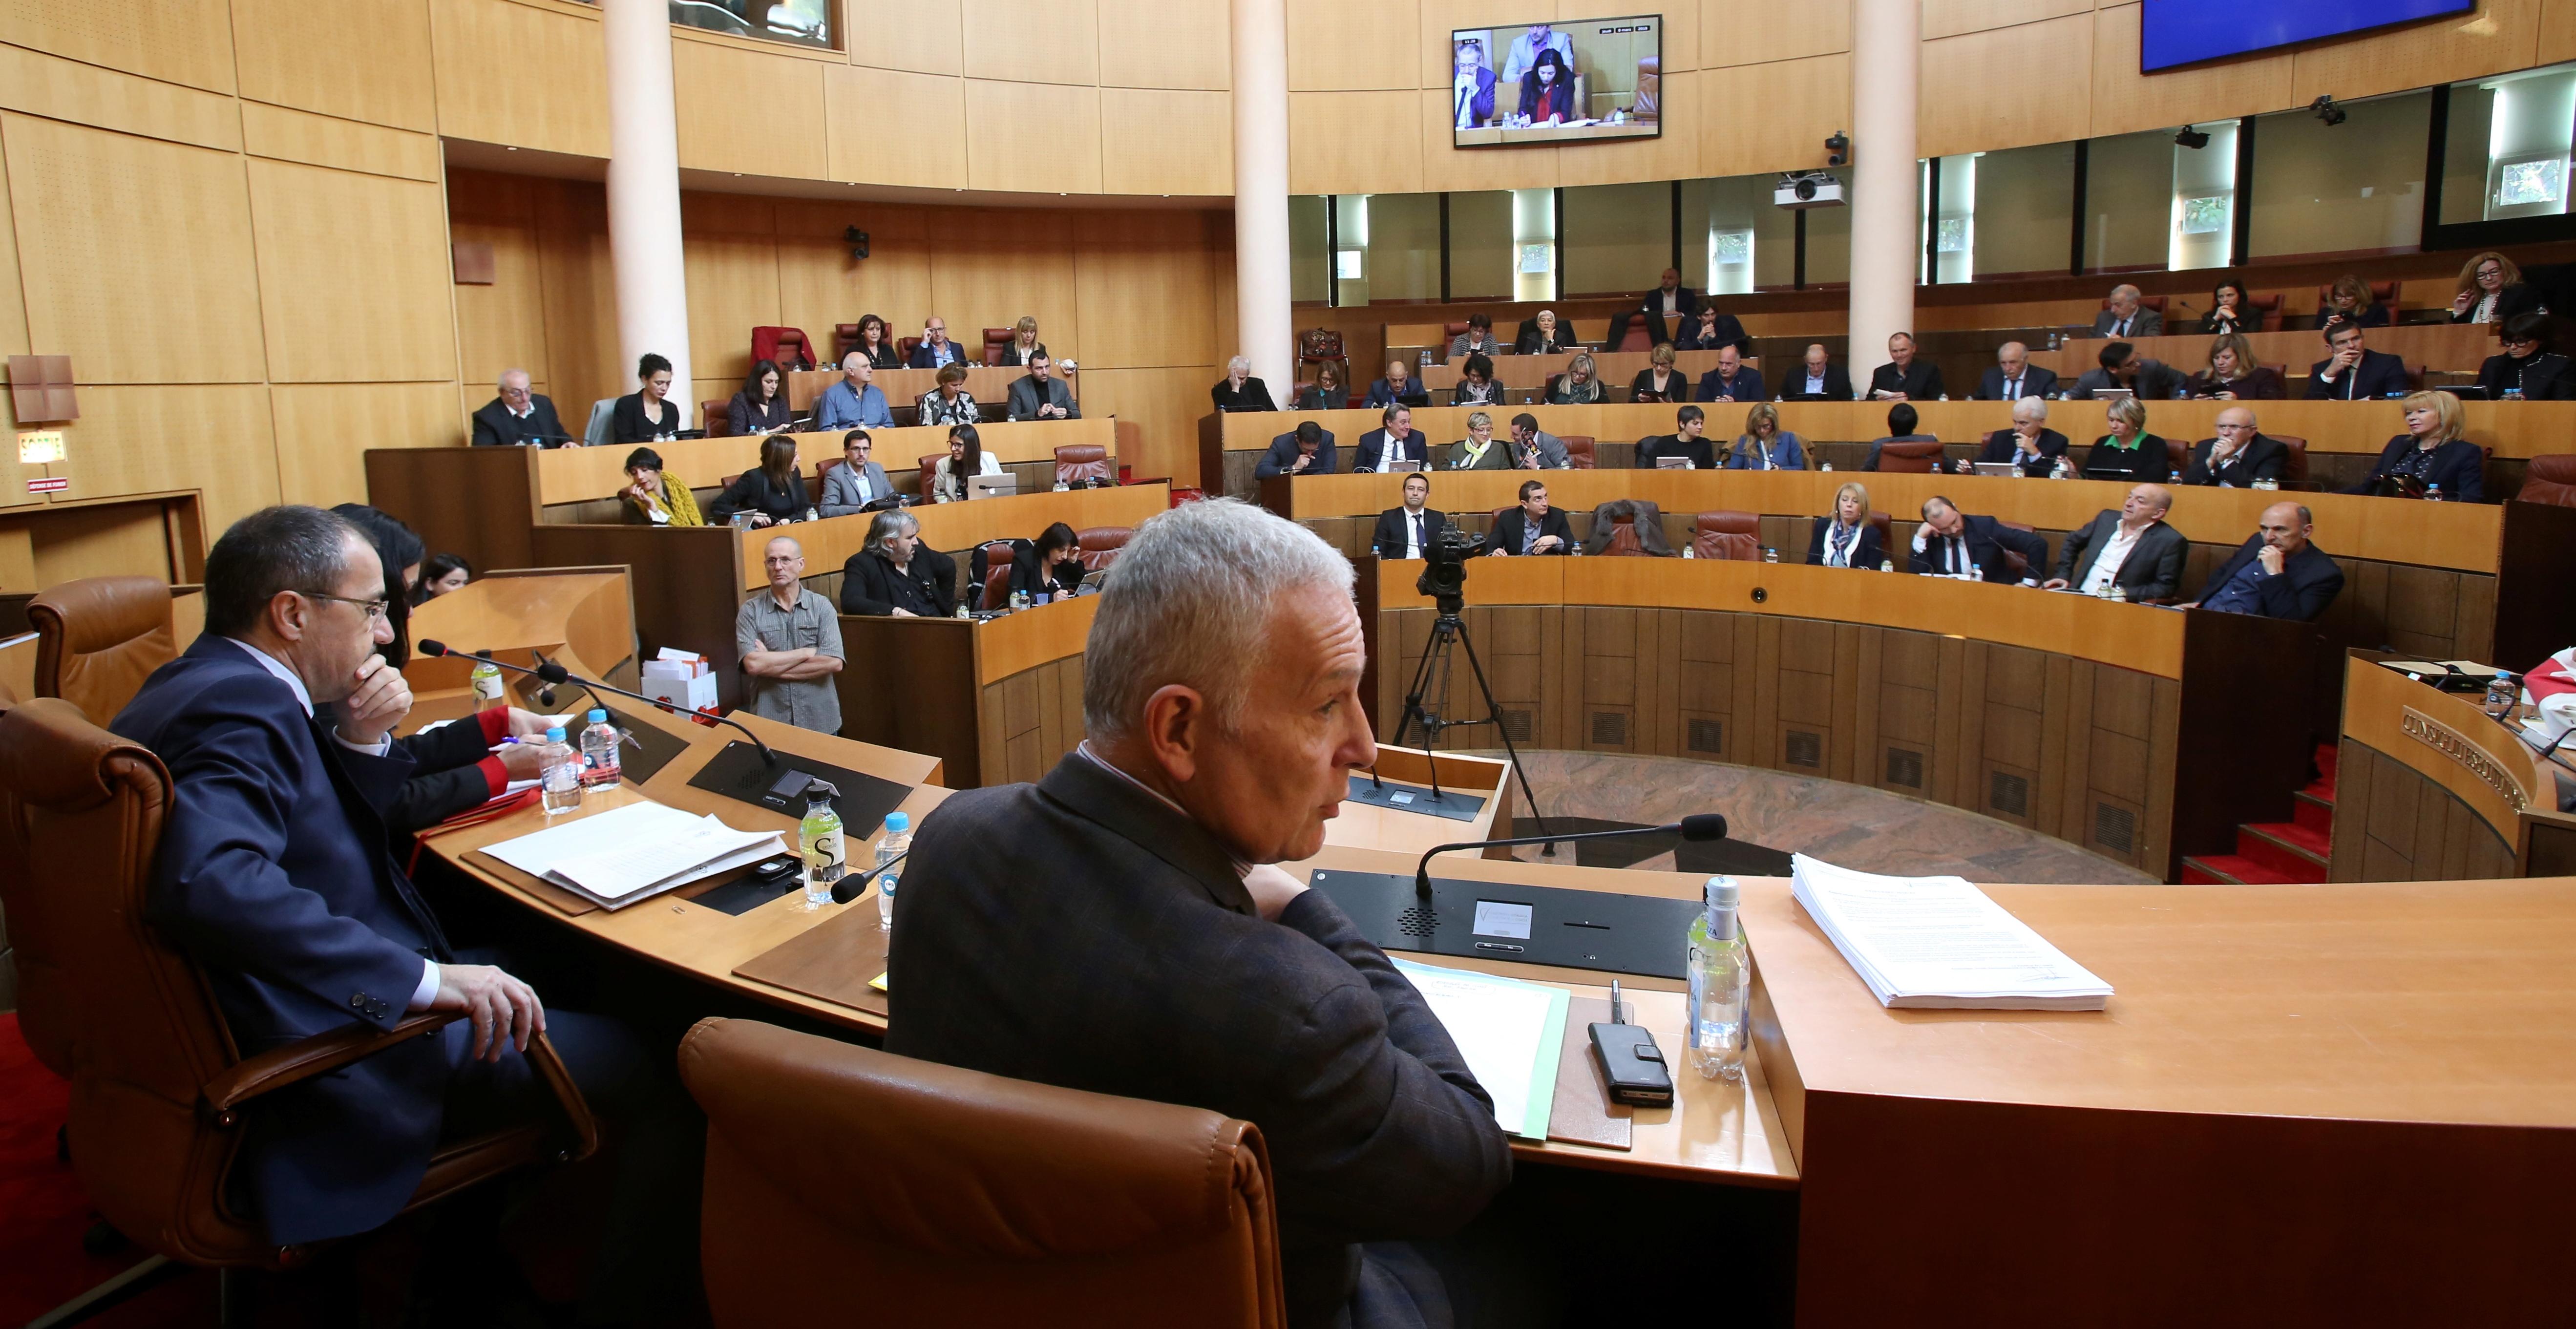 Réforme constitutionnelle : Les réactions des groupes politiques